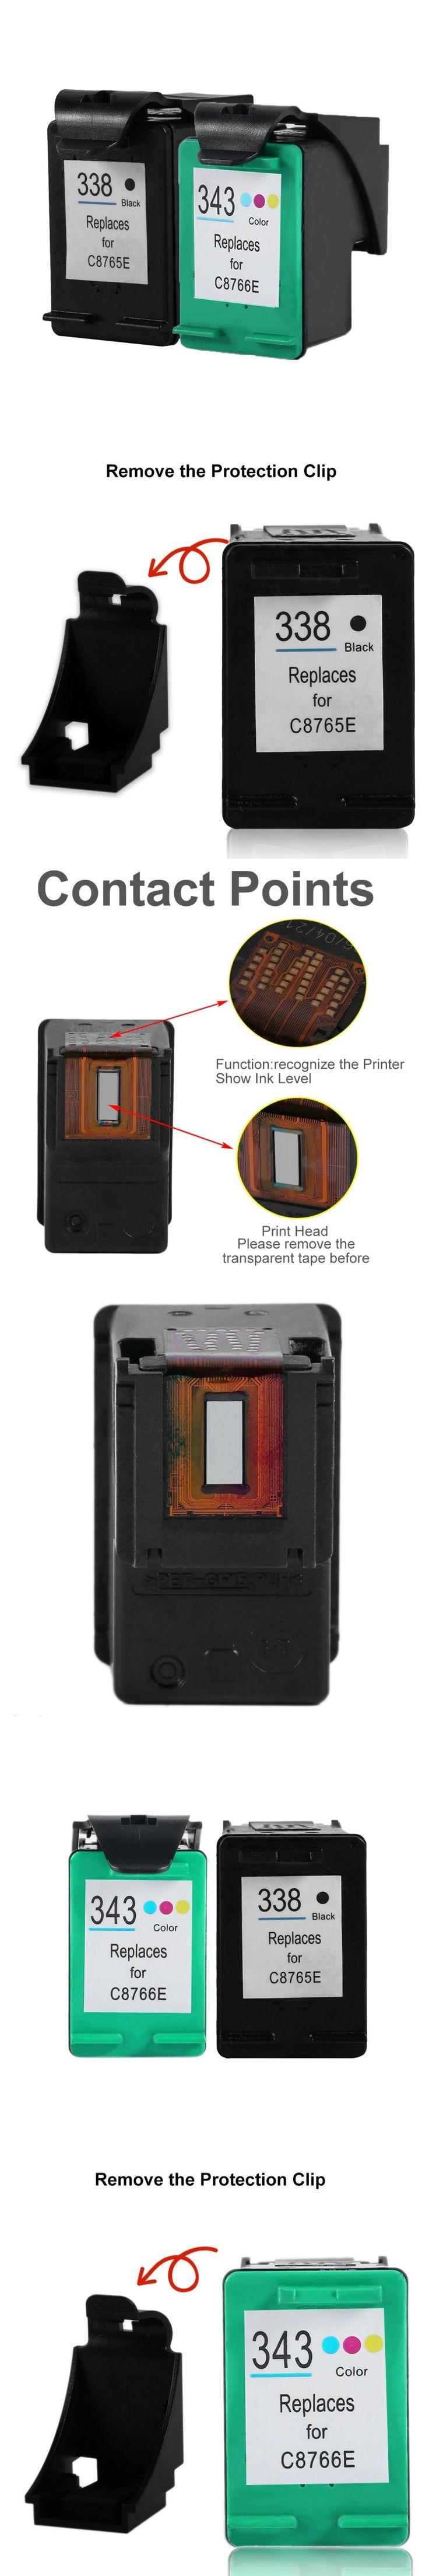 2Pcs For HP 338 343 Ink Cartridge For HP PSC 1500 1510 1600 1610 Deskjet 6540